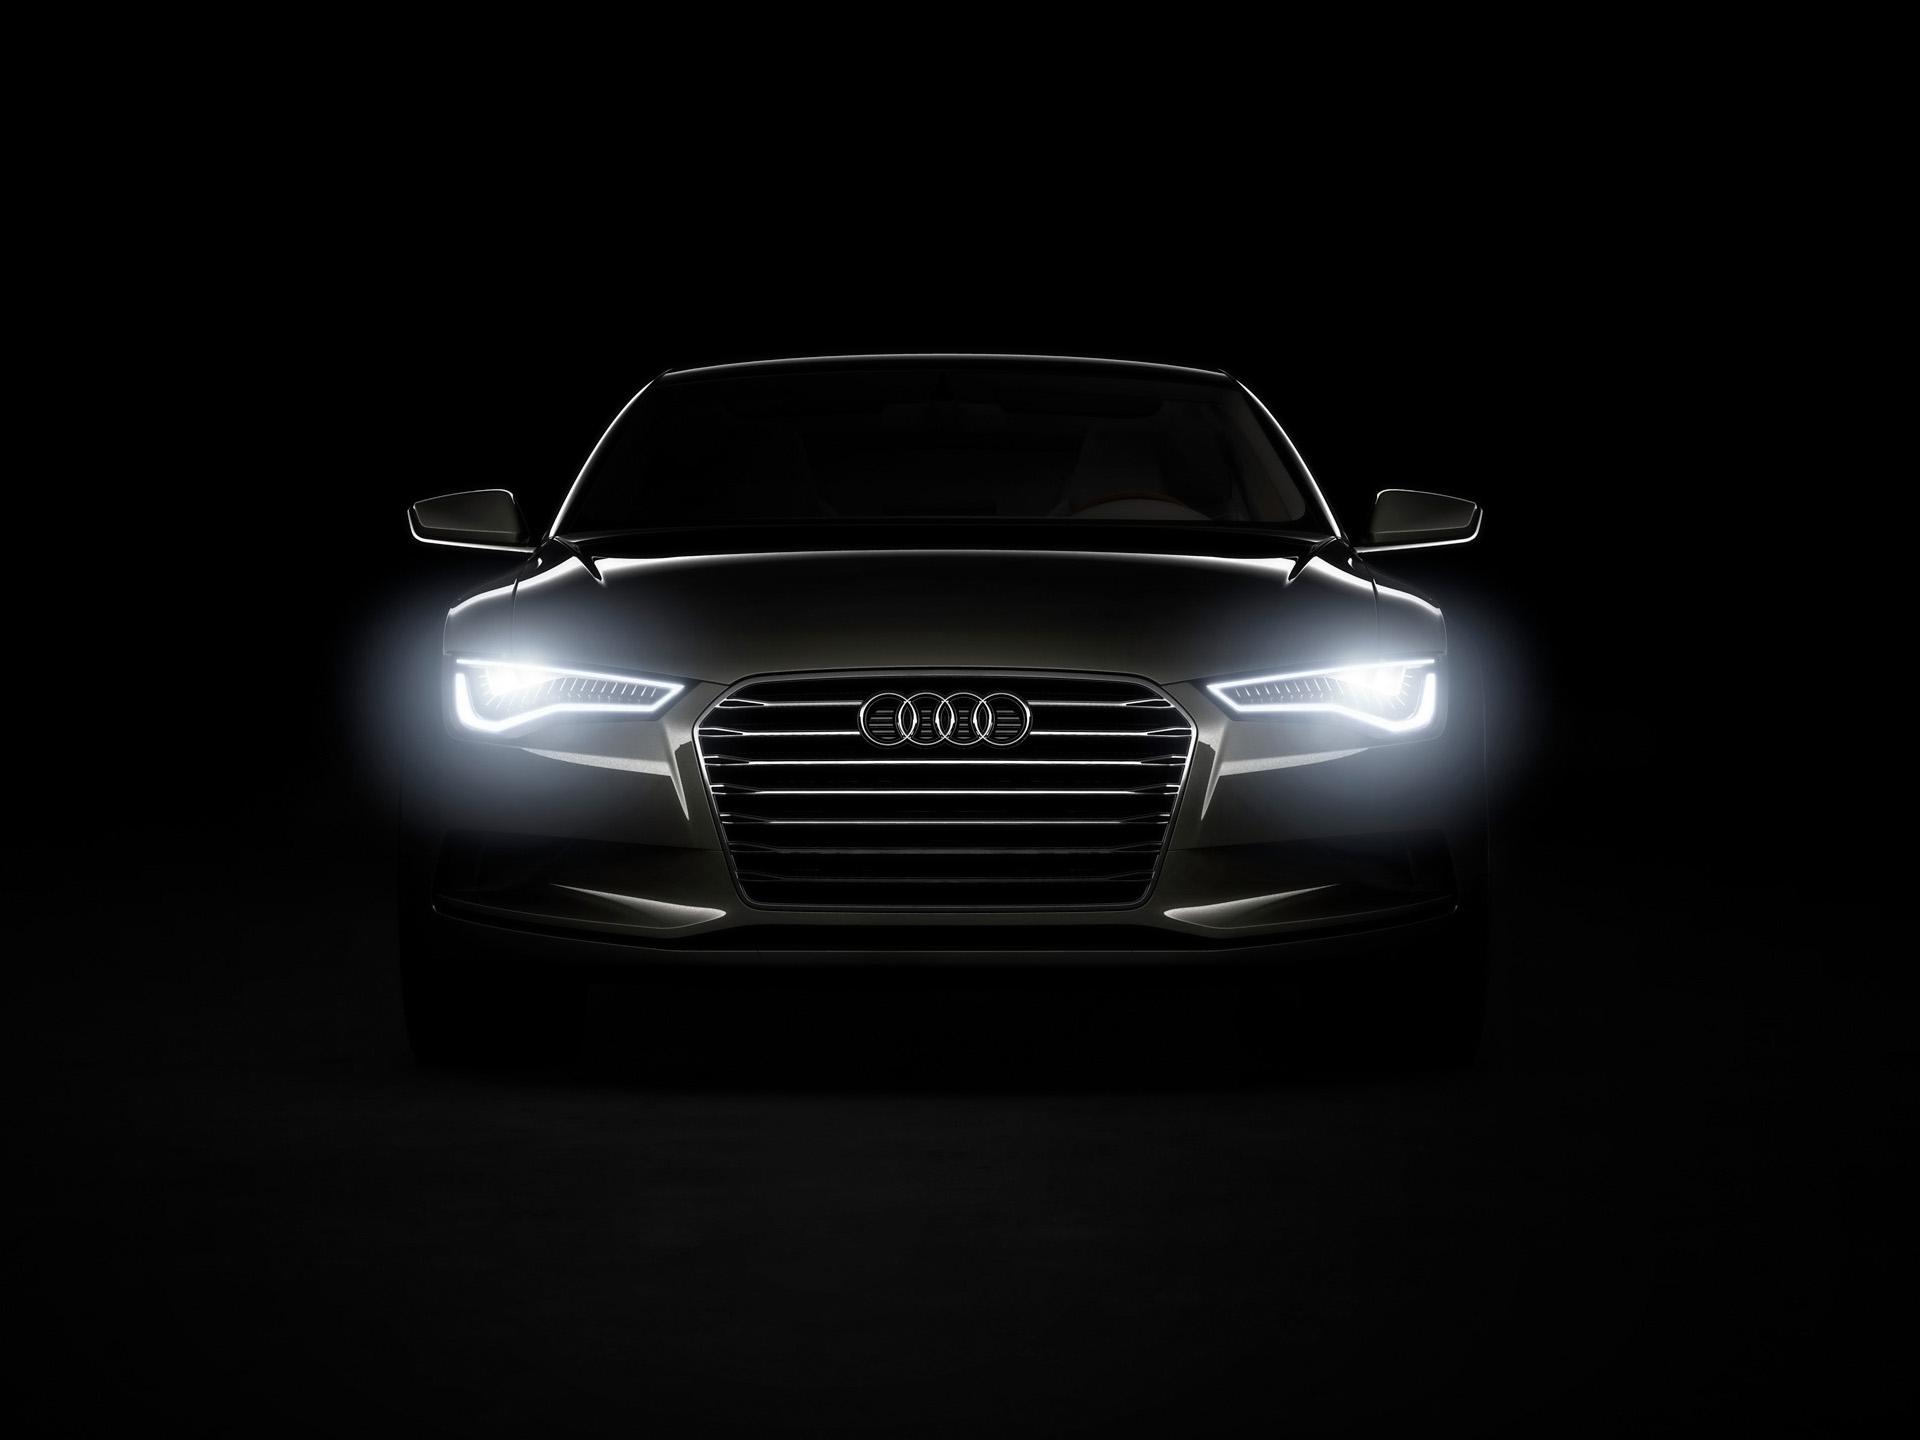 900+ Wallpaper Black Car HD Terbaru